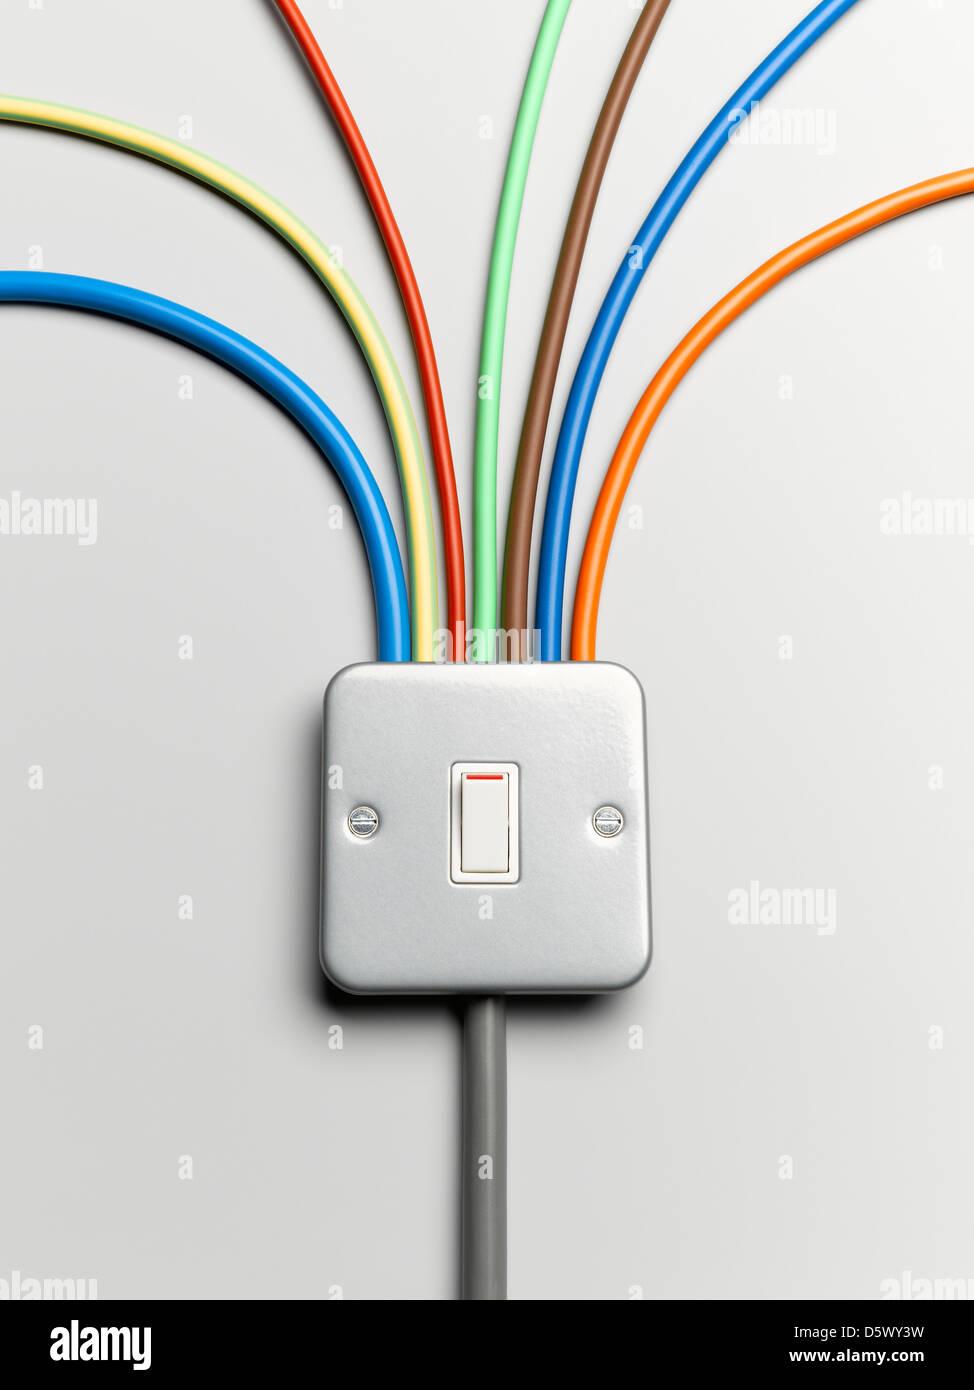 Cordons colorés depuis l'interrupteur d'éclairage Banque D'Images